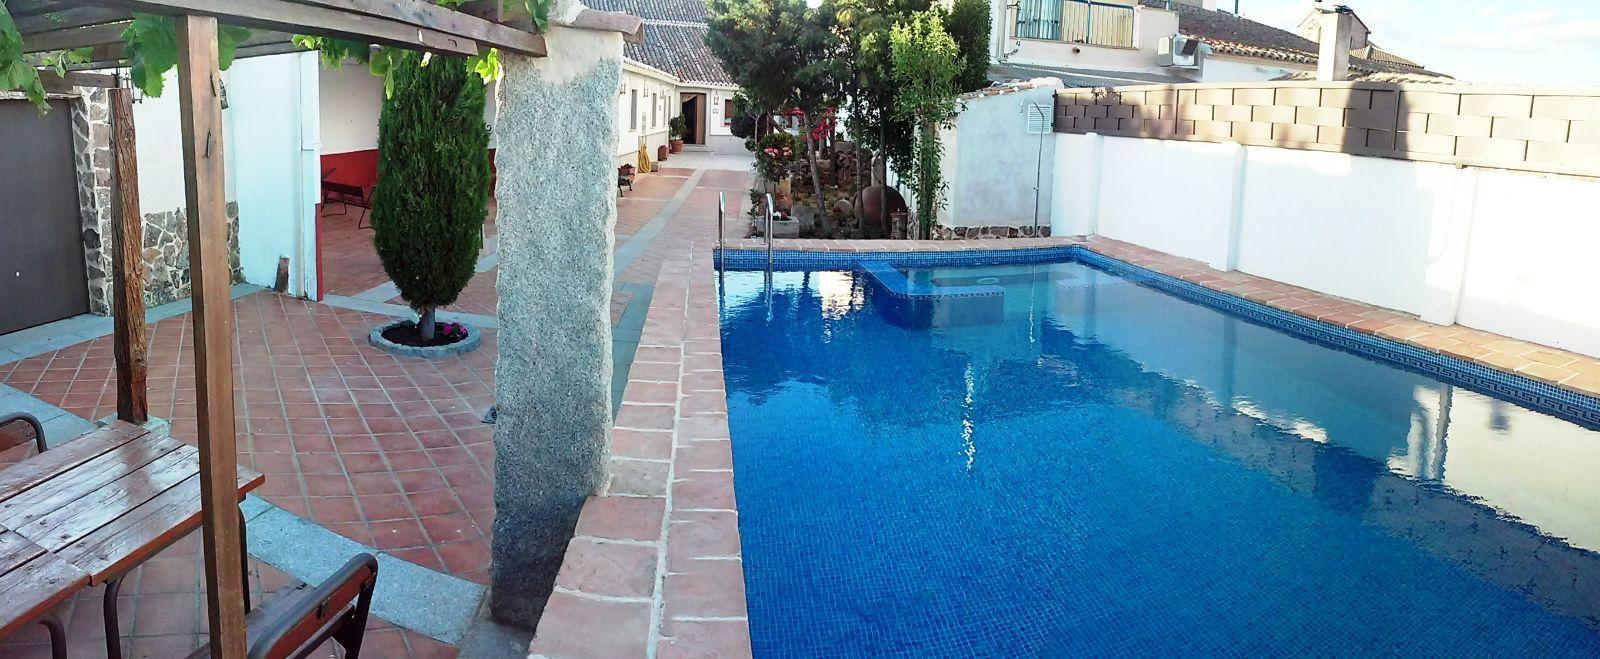 R stica casa rural en el centro de un peque o pueblo en for Casas rurales con piscina en castilla la mancha